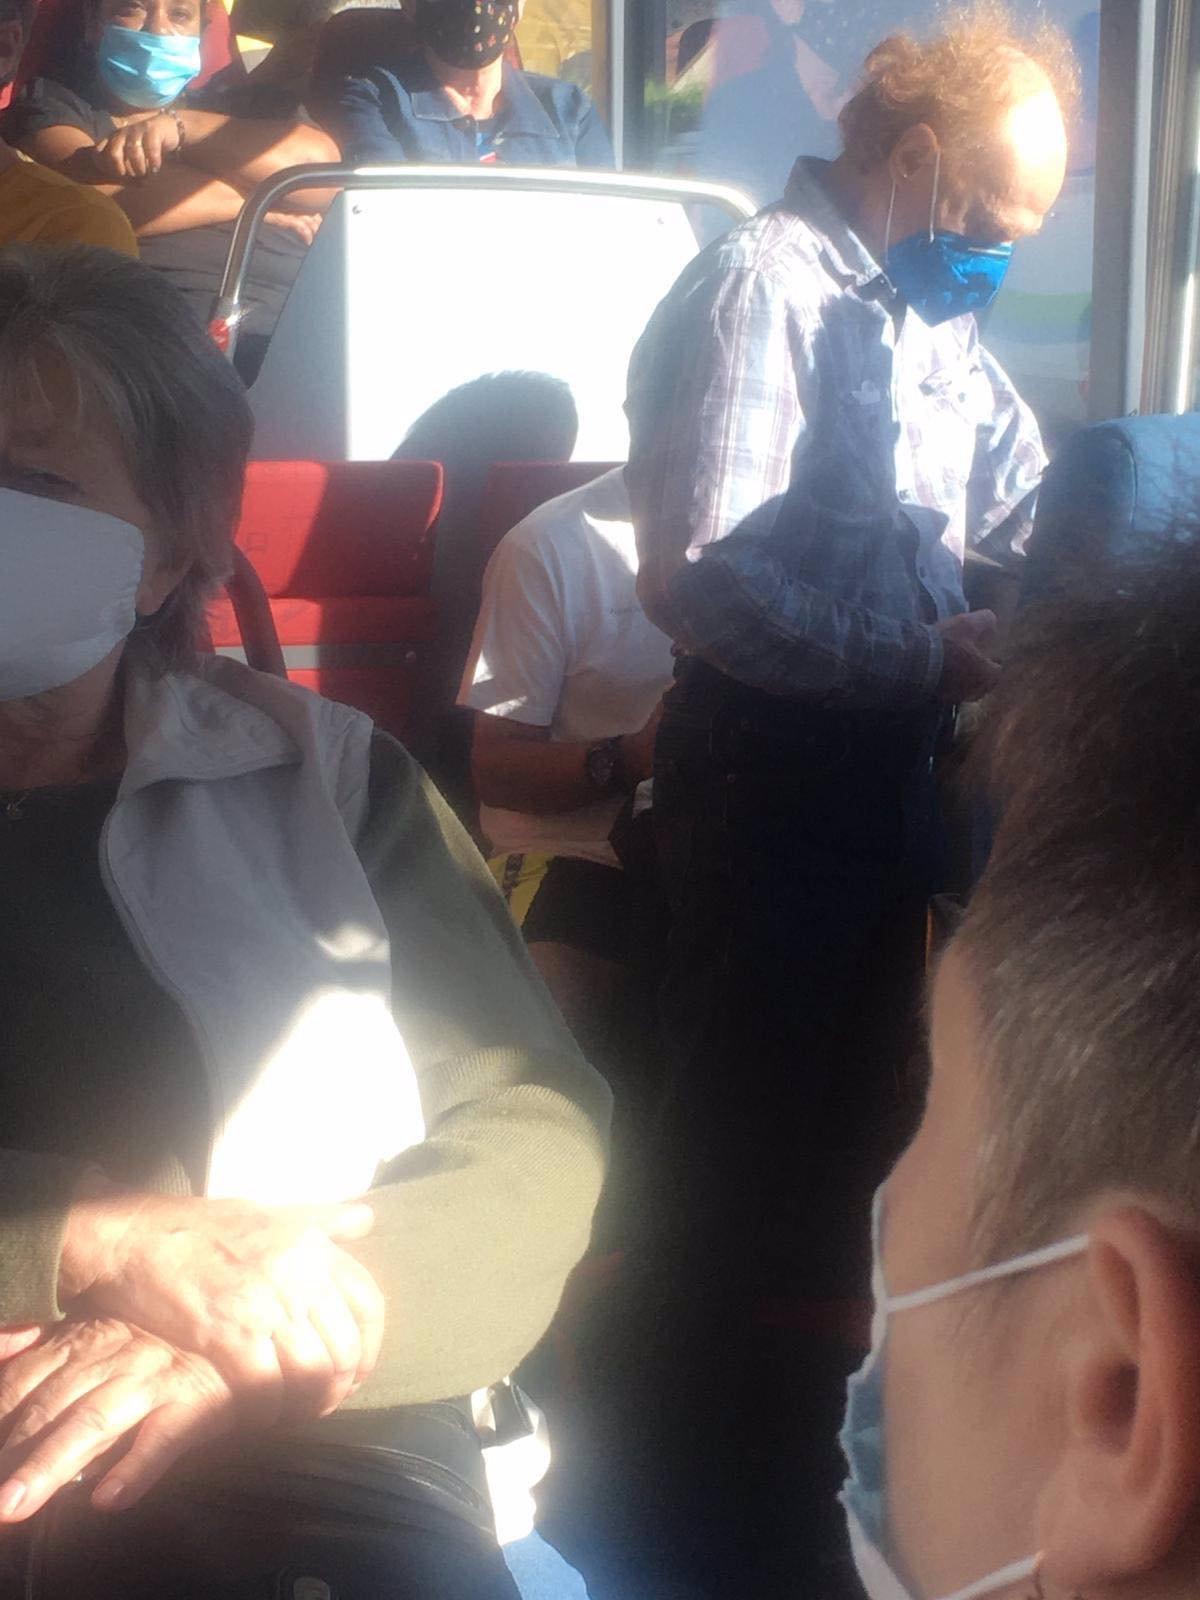 Biolog Flegr risknul cestu metrem: Expert na viry popsal, jak přežít v pražské MHD